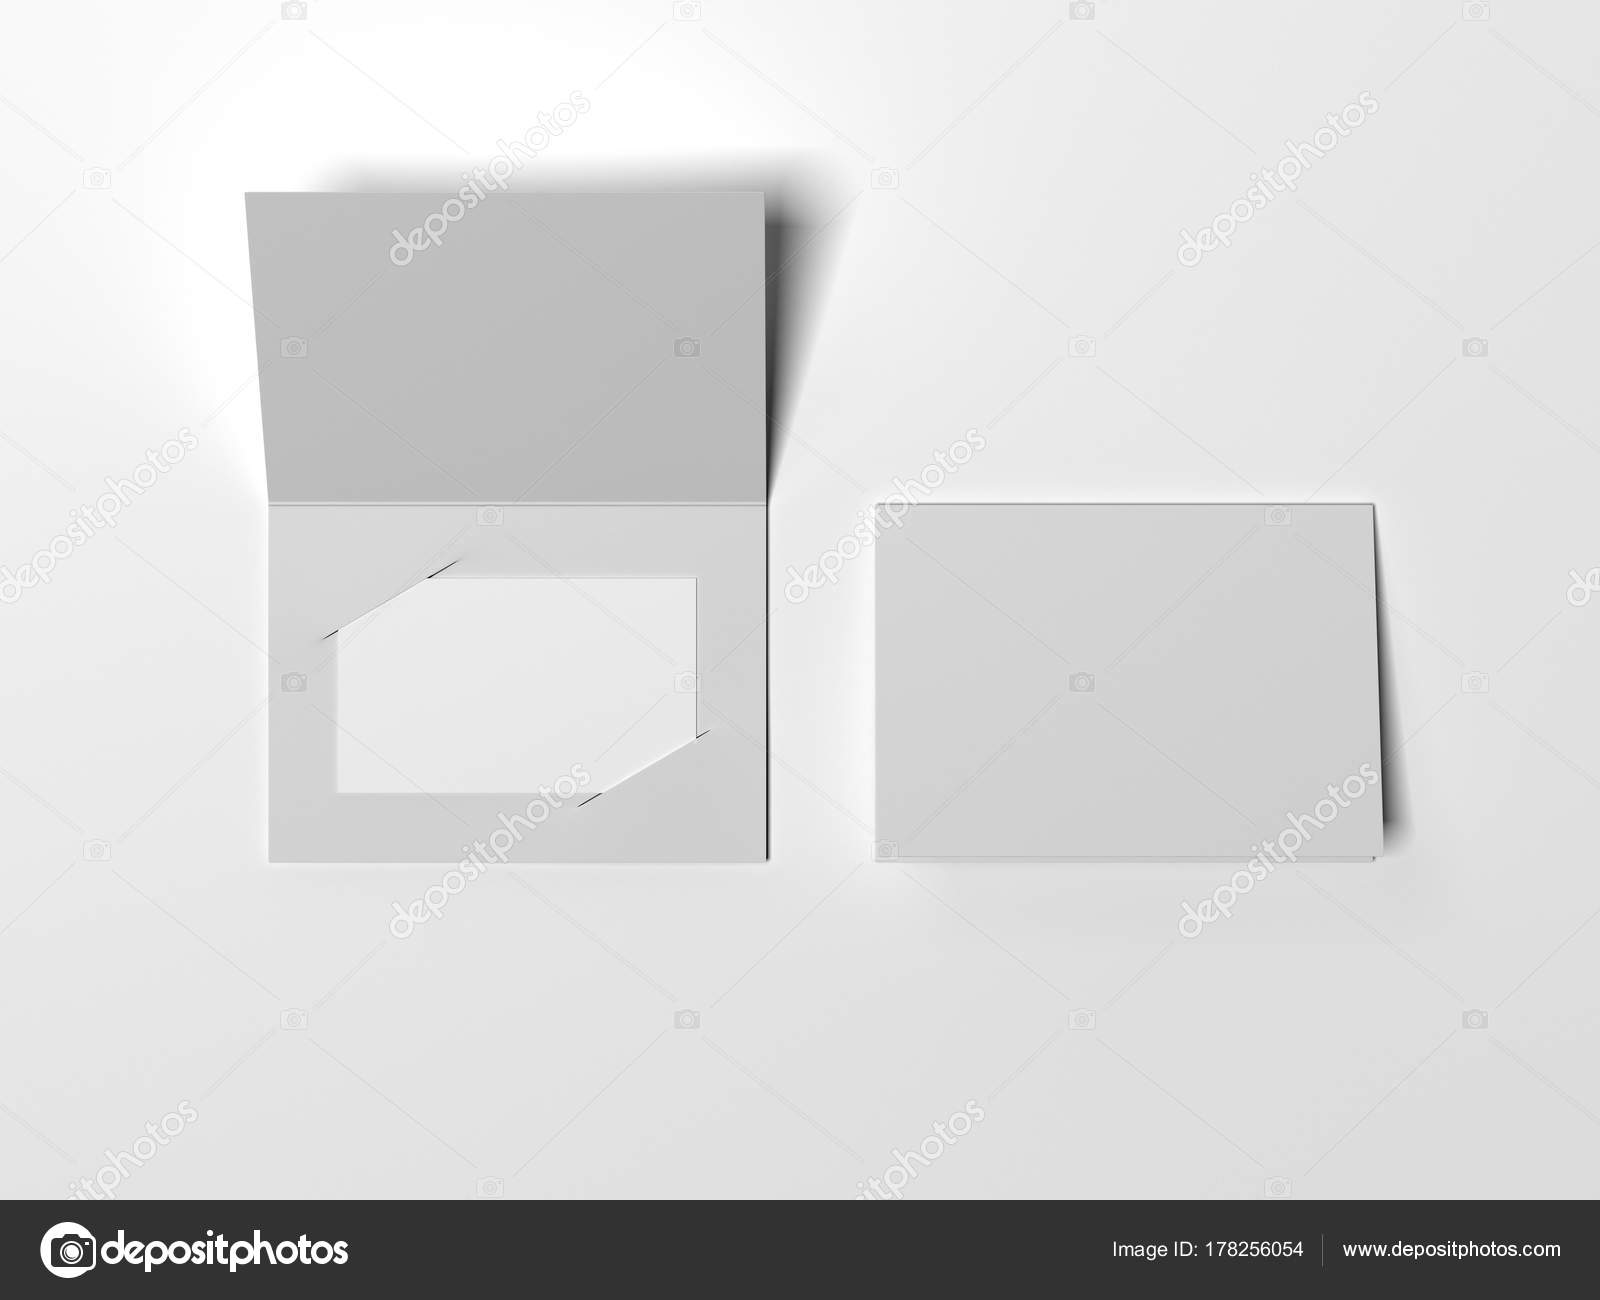 Extrait De La Brochure Avec Carte Visite Vide Lintrieur Rendu 3D Image Ekostsov